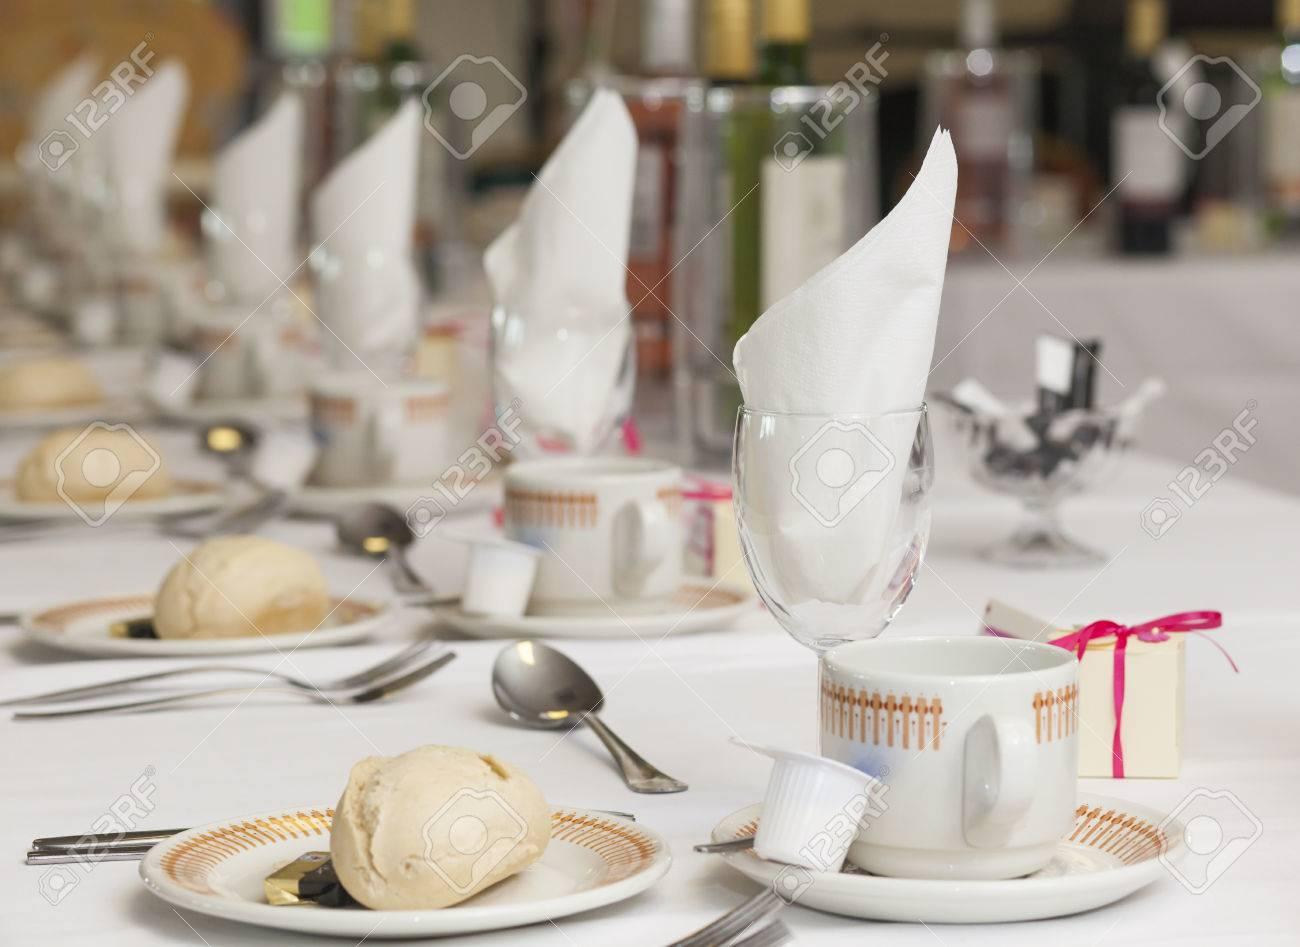 Restaurant table setting ideas - Restaurant Table Settings Stock Photo Wedding Breakfast Table Settings In Restaurant